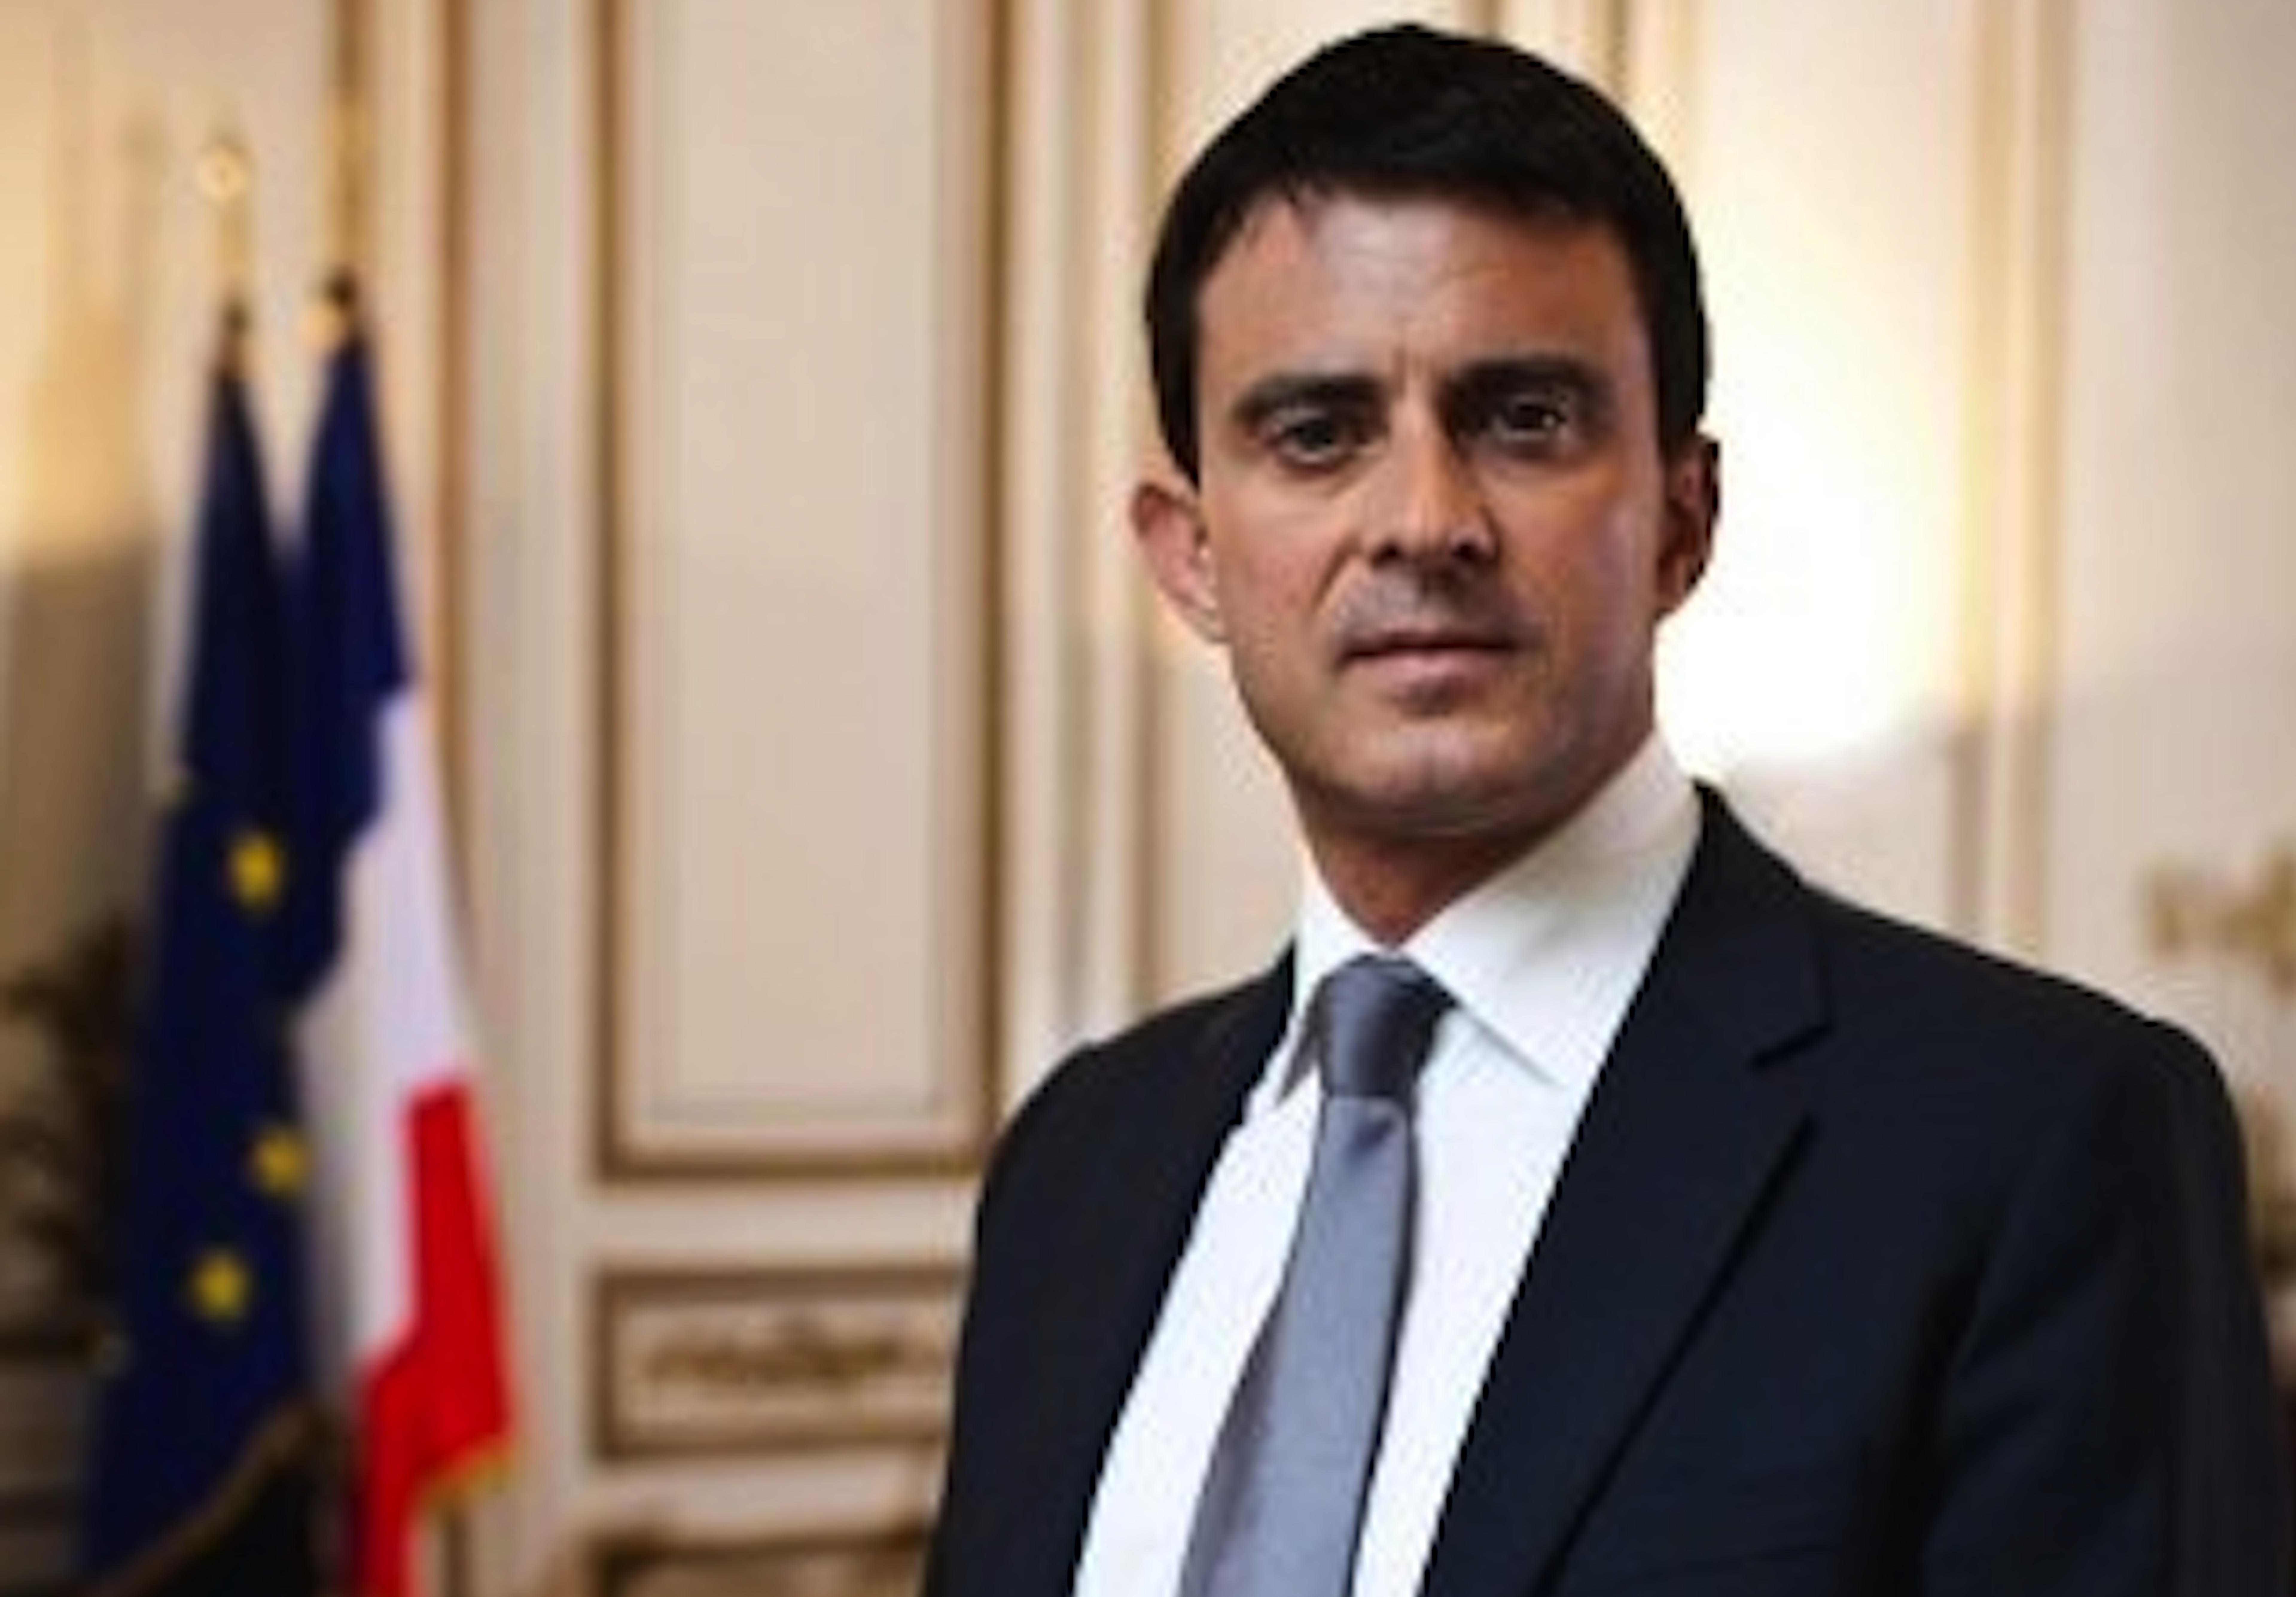 Le ministre de l'intérieur français à Dakar ce vendredi